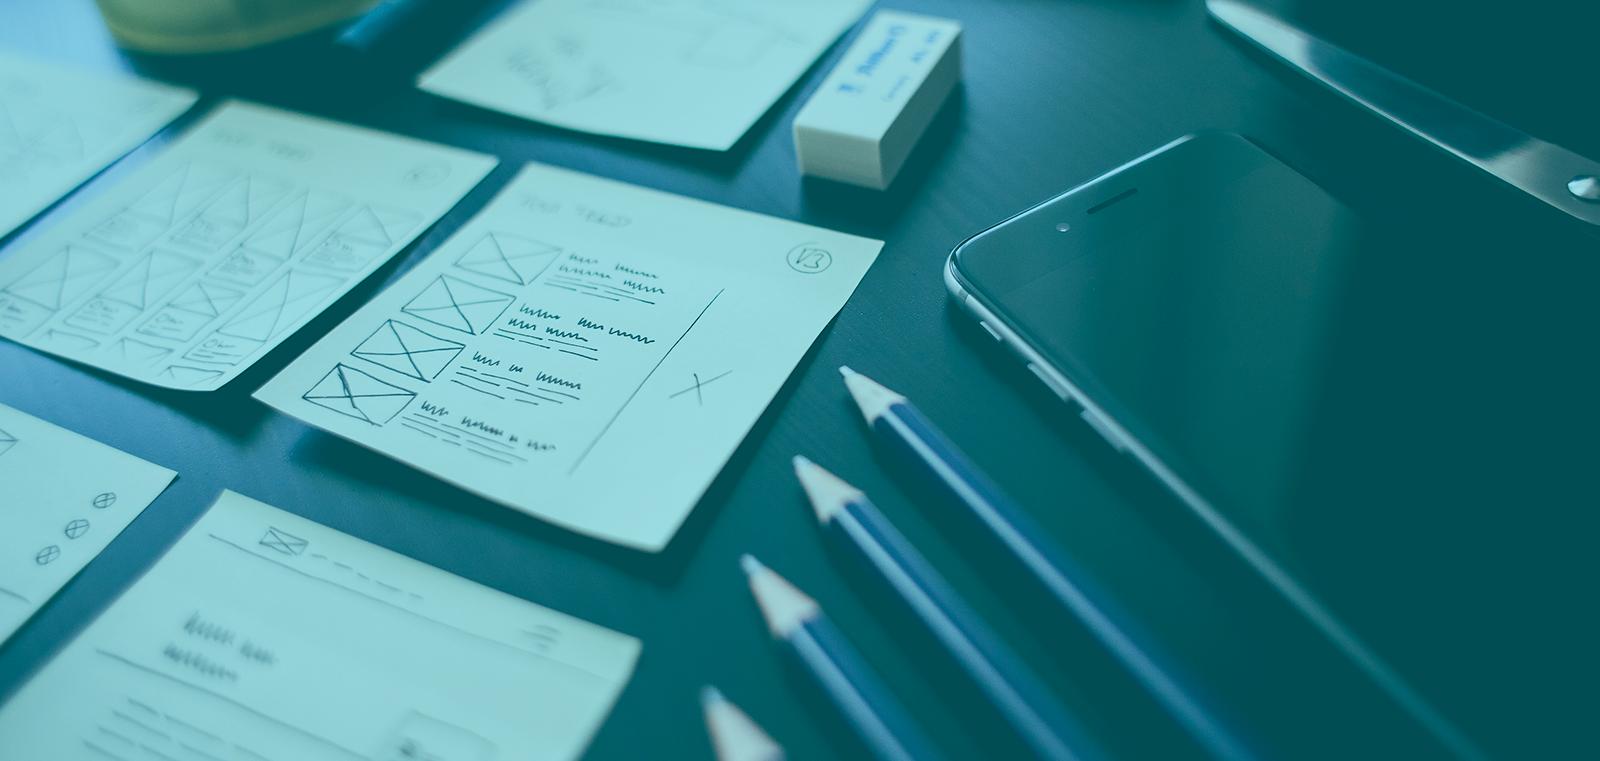 Услуги веб-студии Инпрофф — разработка, продвижение и поддержка сайтов